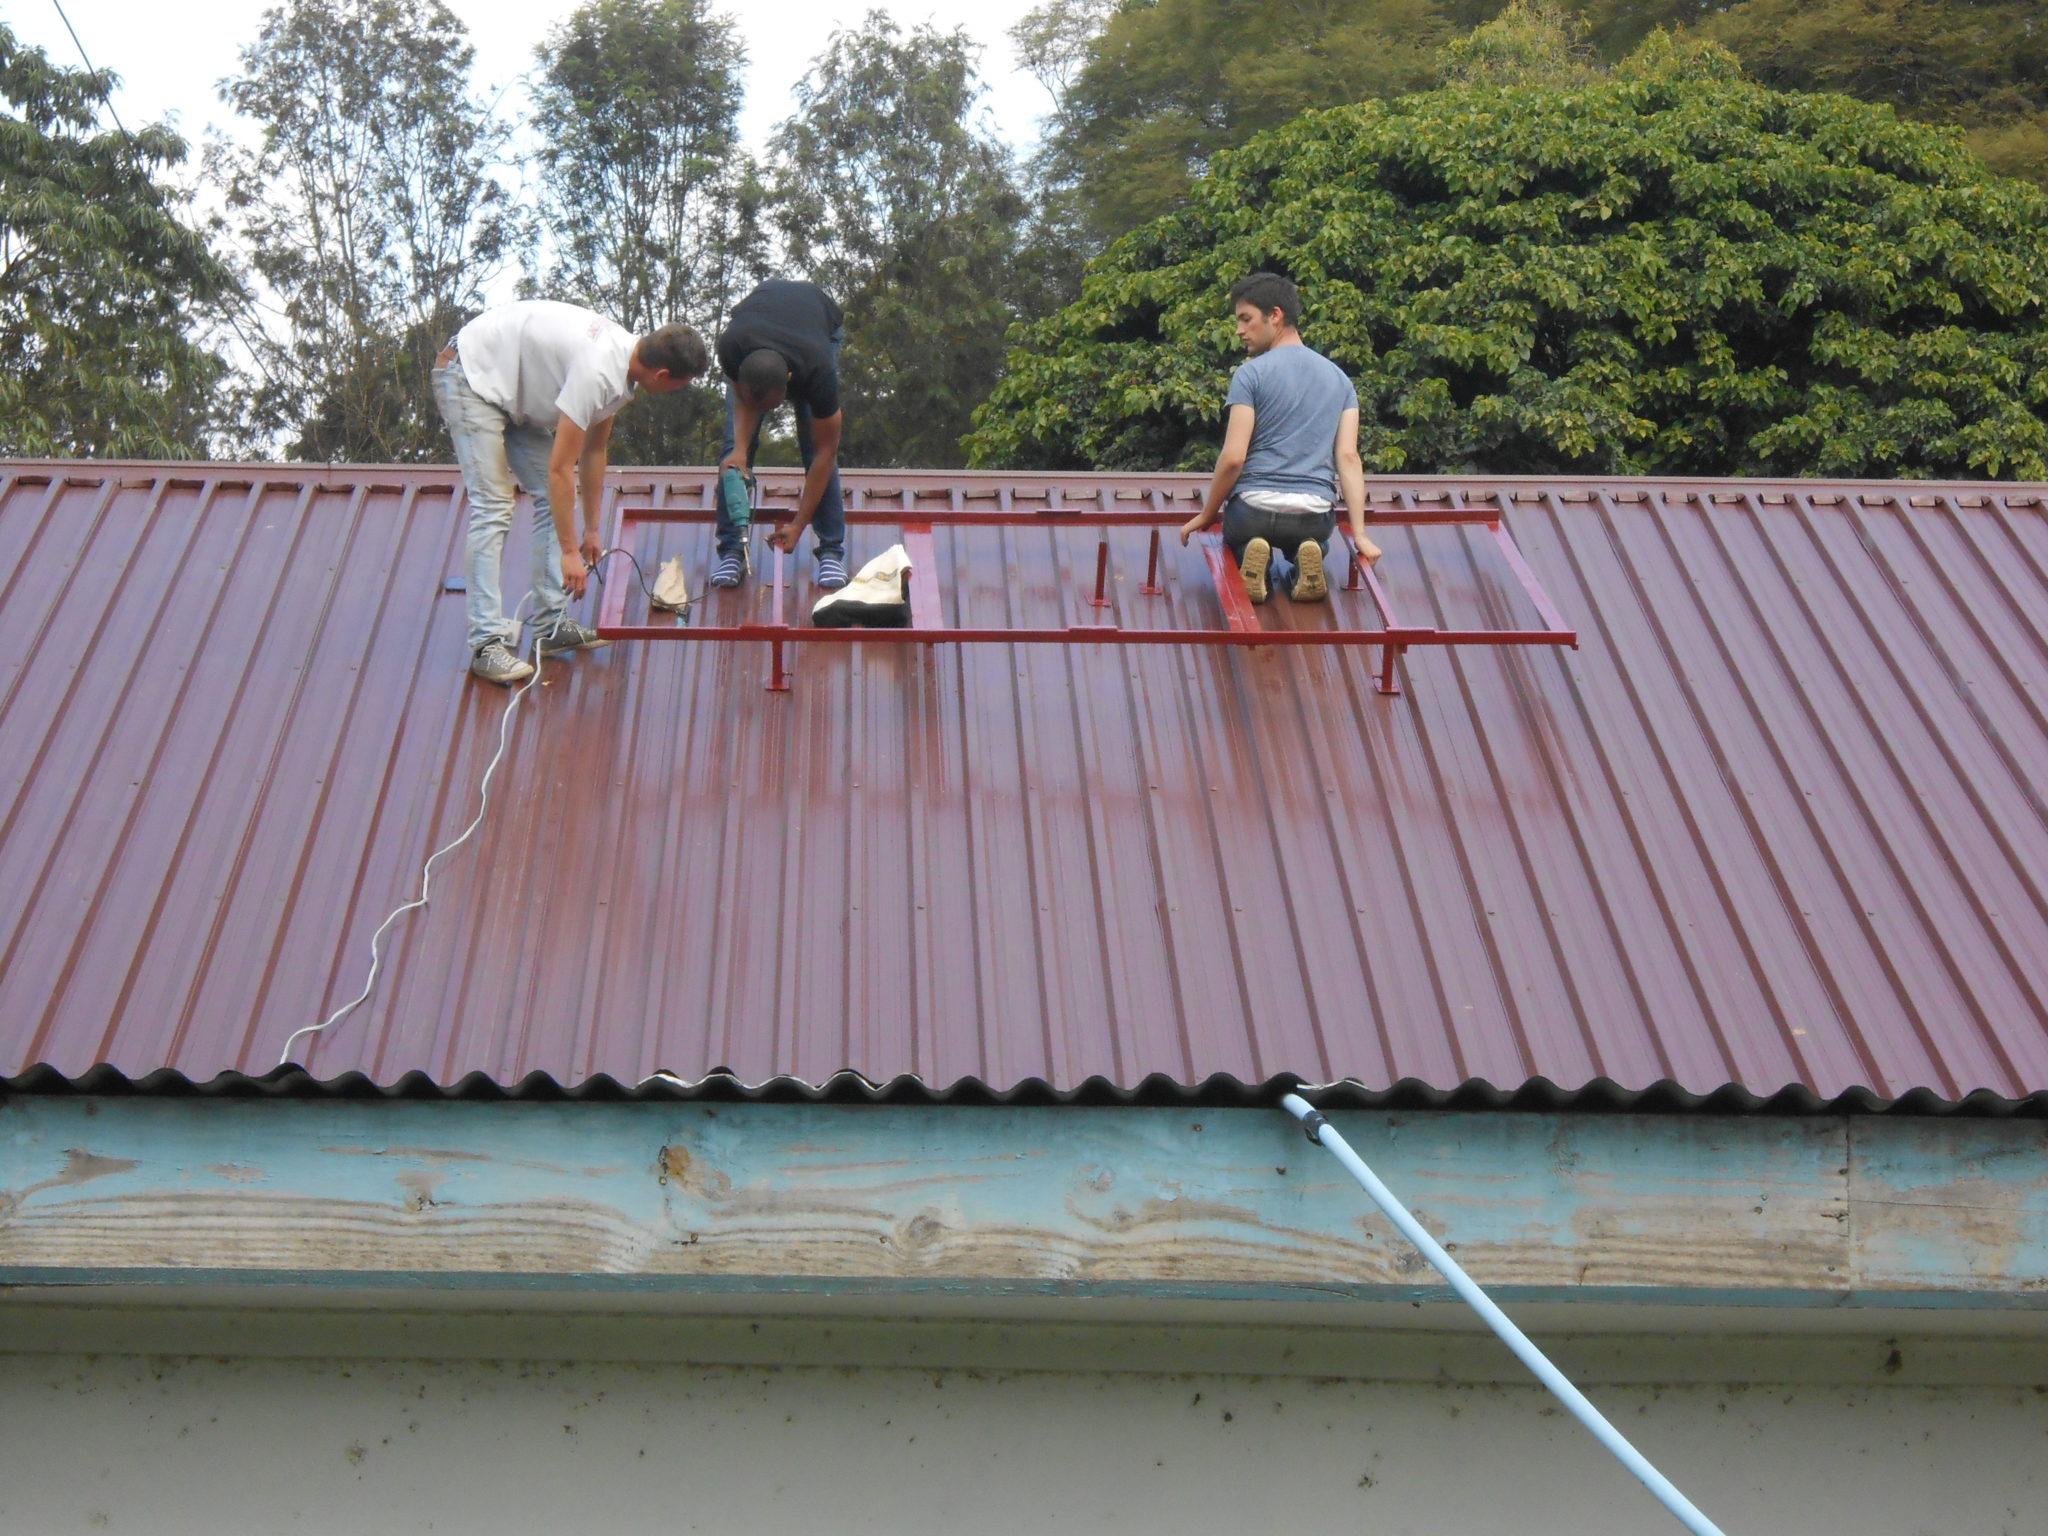 Gaatjes boren. Hierbij moet je opletten om precies in een dakbalk te boren, anders kan je het frame niet stevig vastzetten